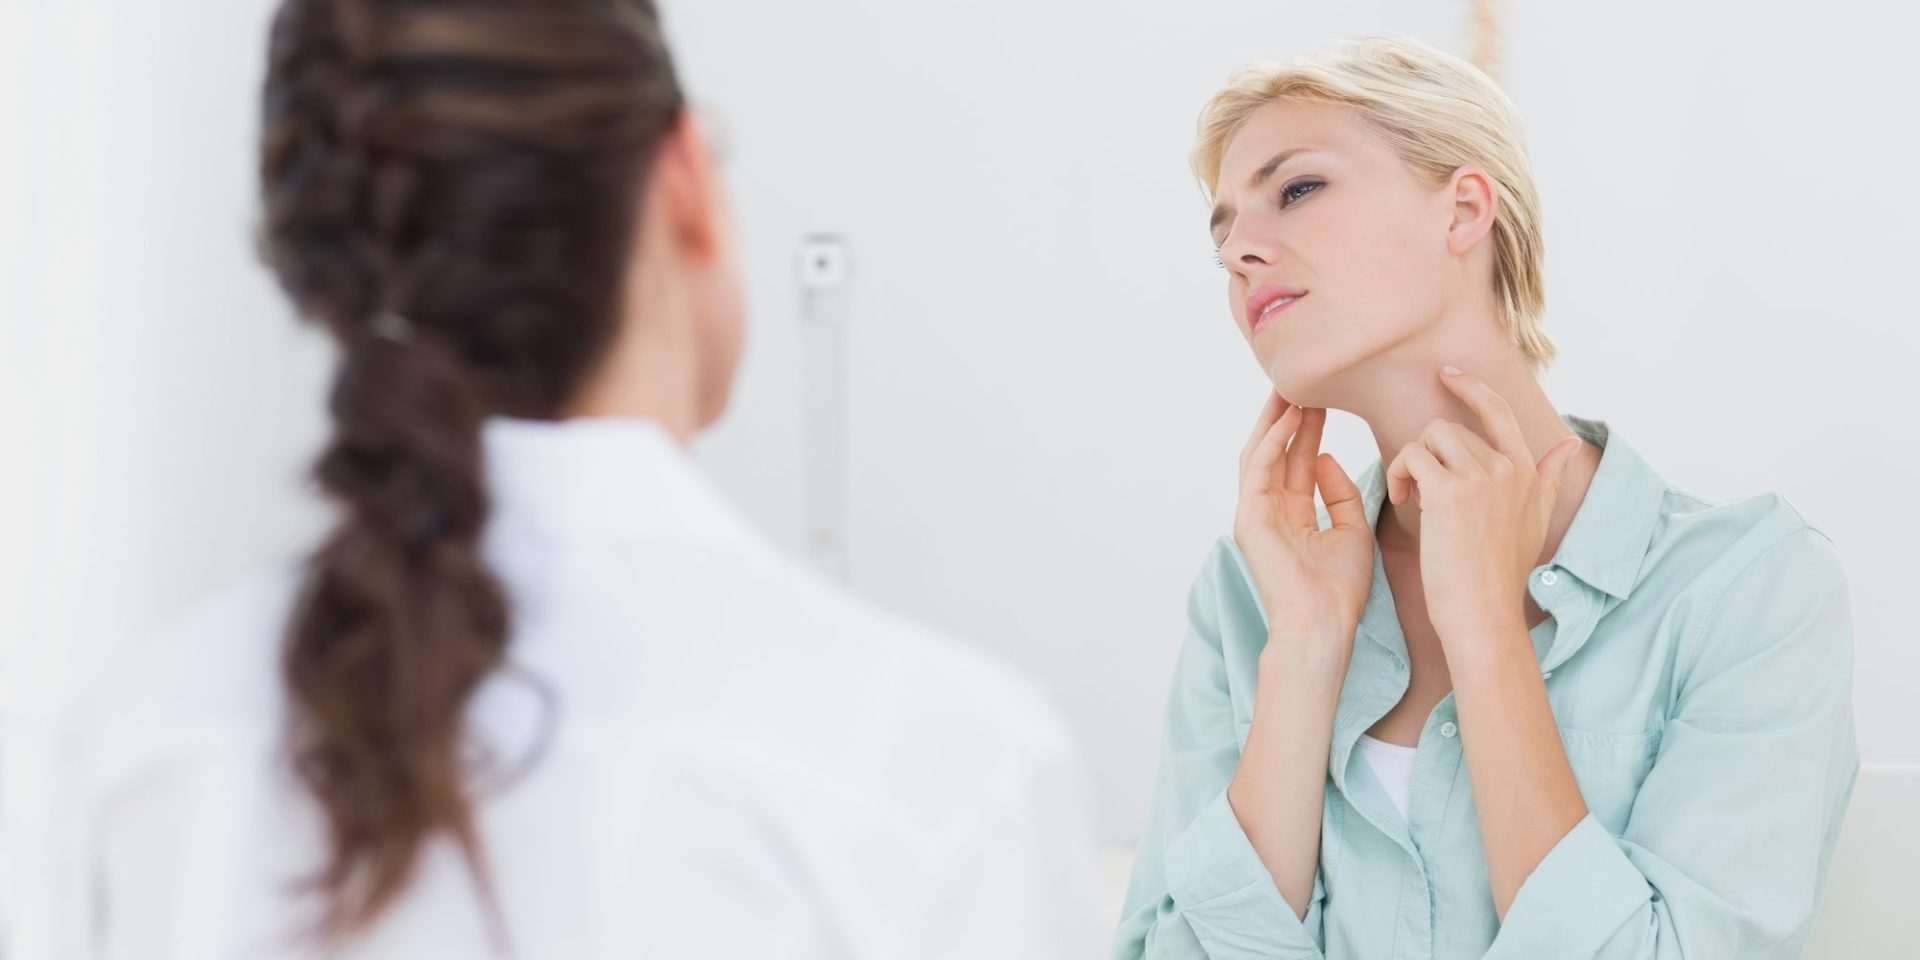 Pod ovim pojmom podrazumevaju se infekcije u usnoj šupljini a najčešće uzrokovane gljivicama, bakterijama ili udruženo.